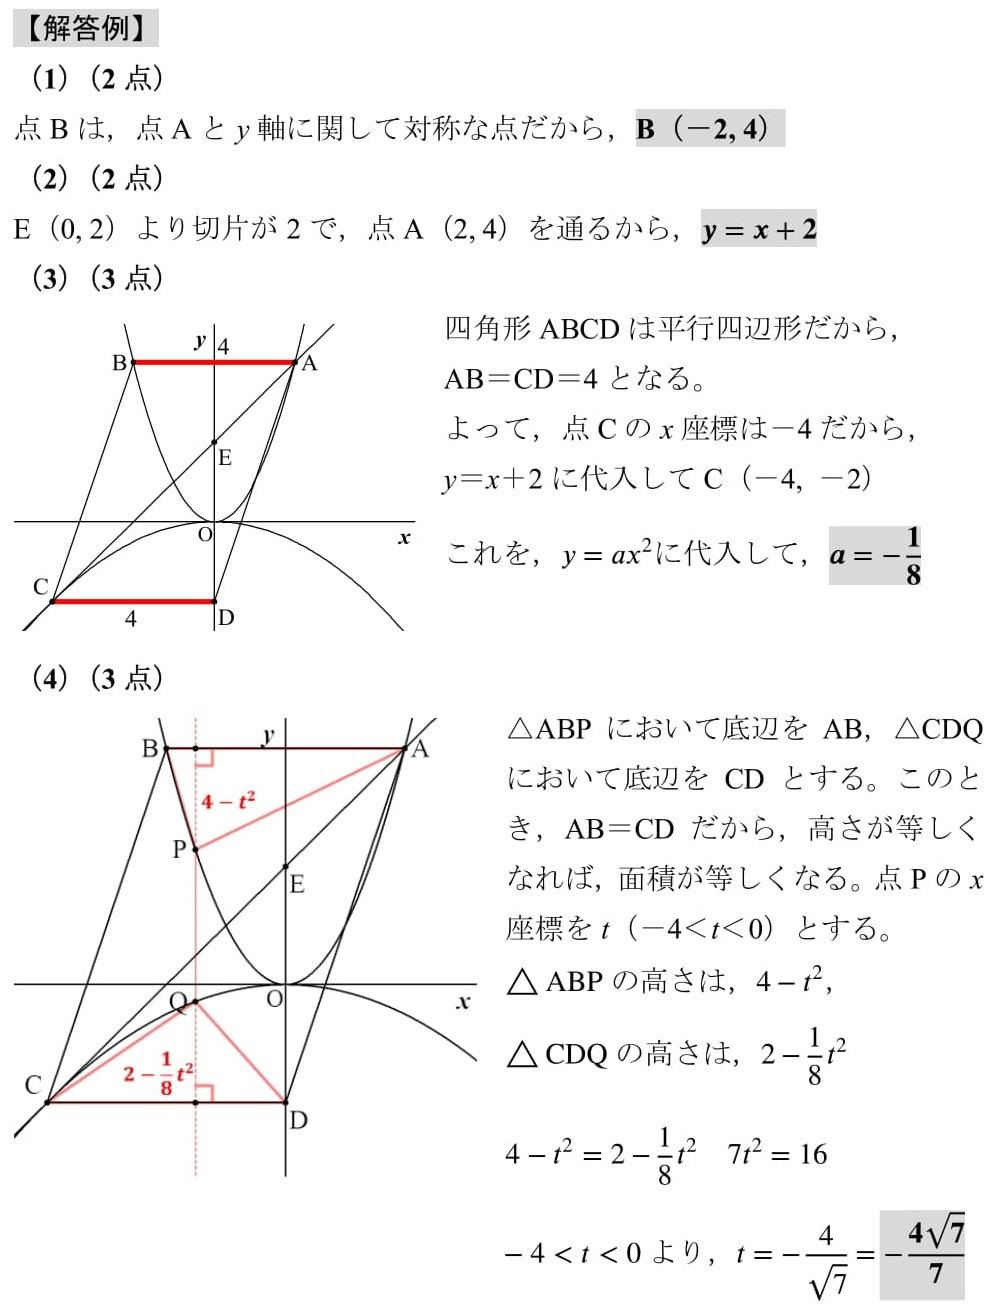 2017年 愛媛県 高校入試 数学 解答解説 大問4 関数